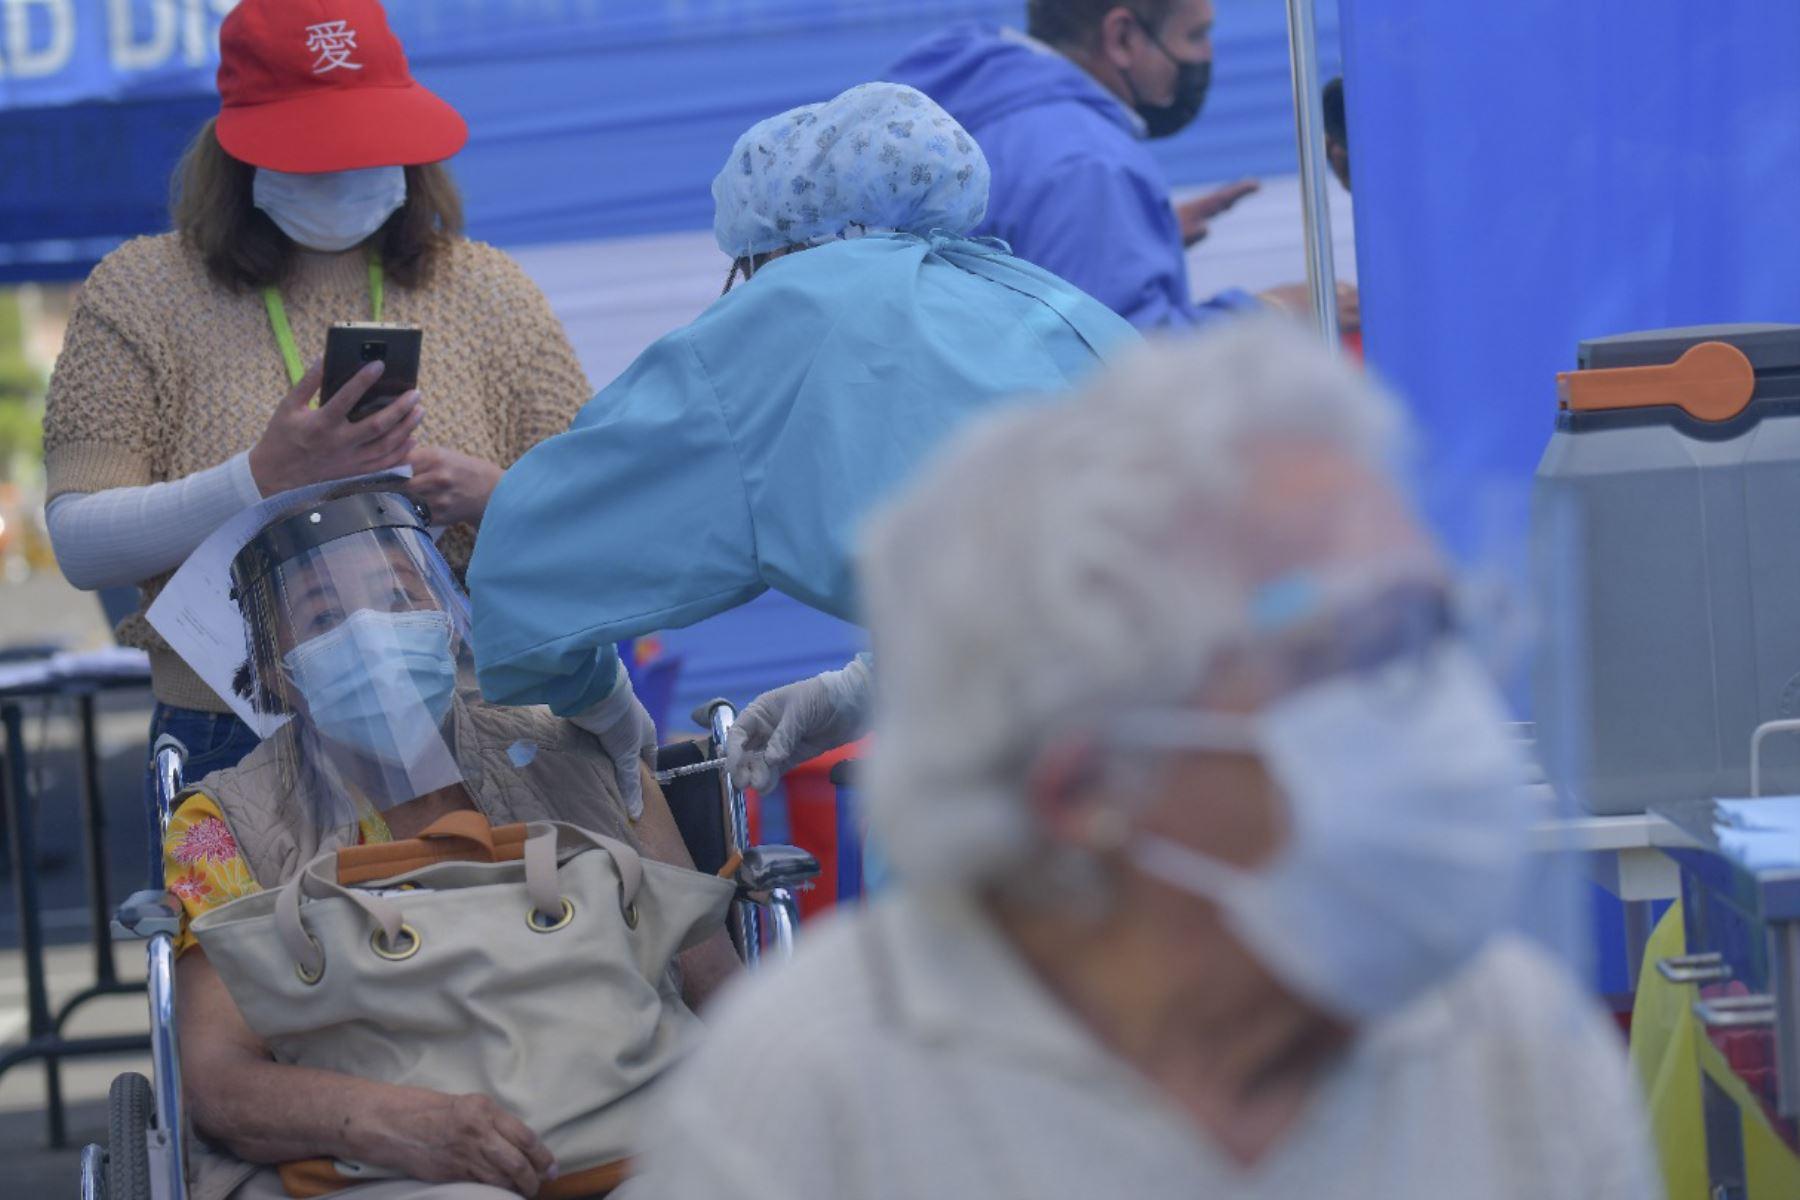 Vacunación a adultos mayores se realiza con mayor orden en Arequipa. El proceso de vacunación se realiza a 5.110 adultos mayores en los distritos de Mariano Melgar, Miraflores, Cayma y Socabaya. Municipios apoyan en el proceso de vacunación con la instalaron de baños químicos y en el orden. Foto: Diego Ramos